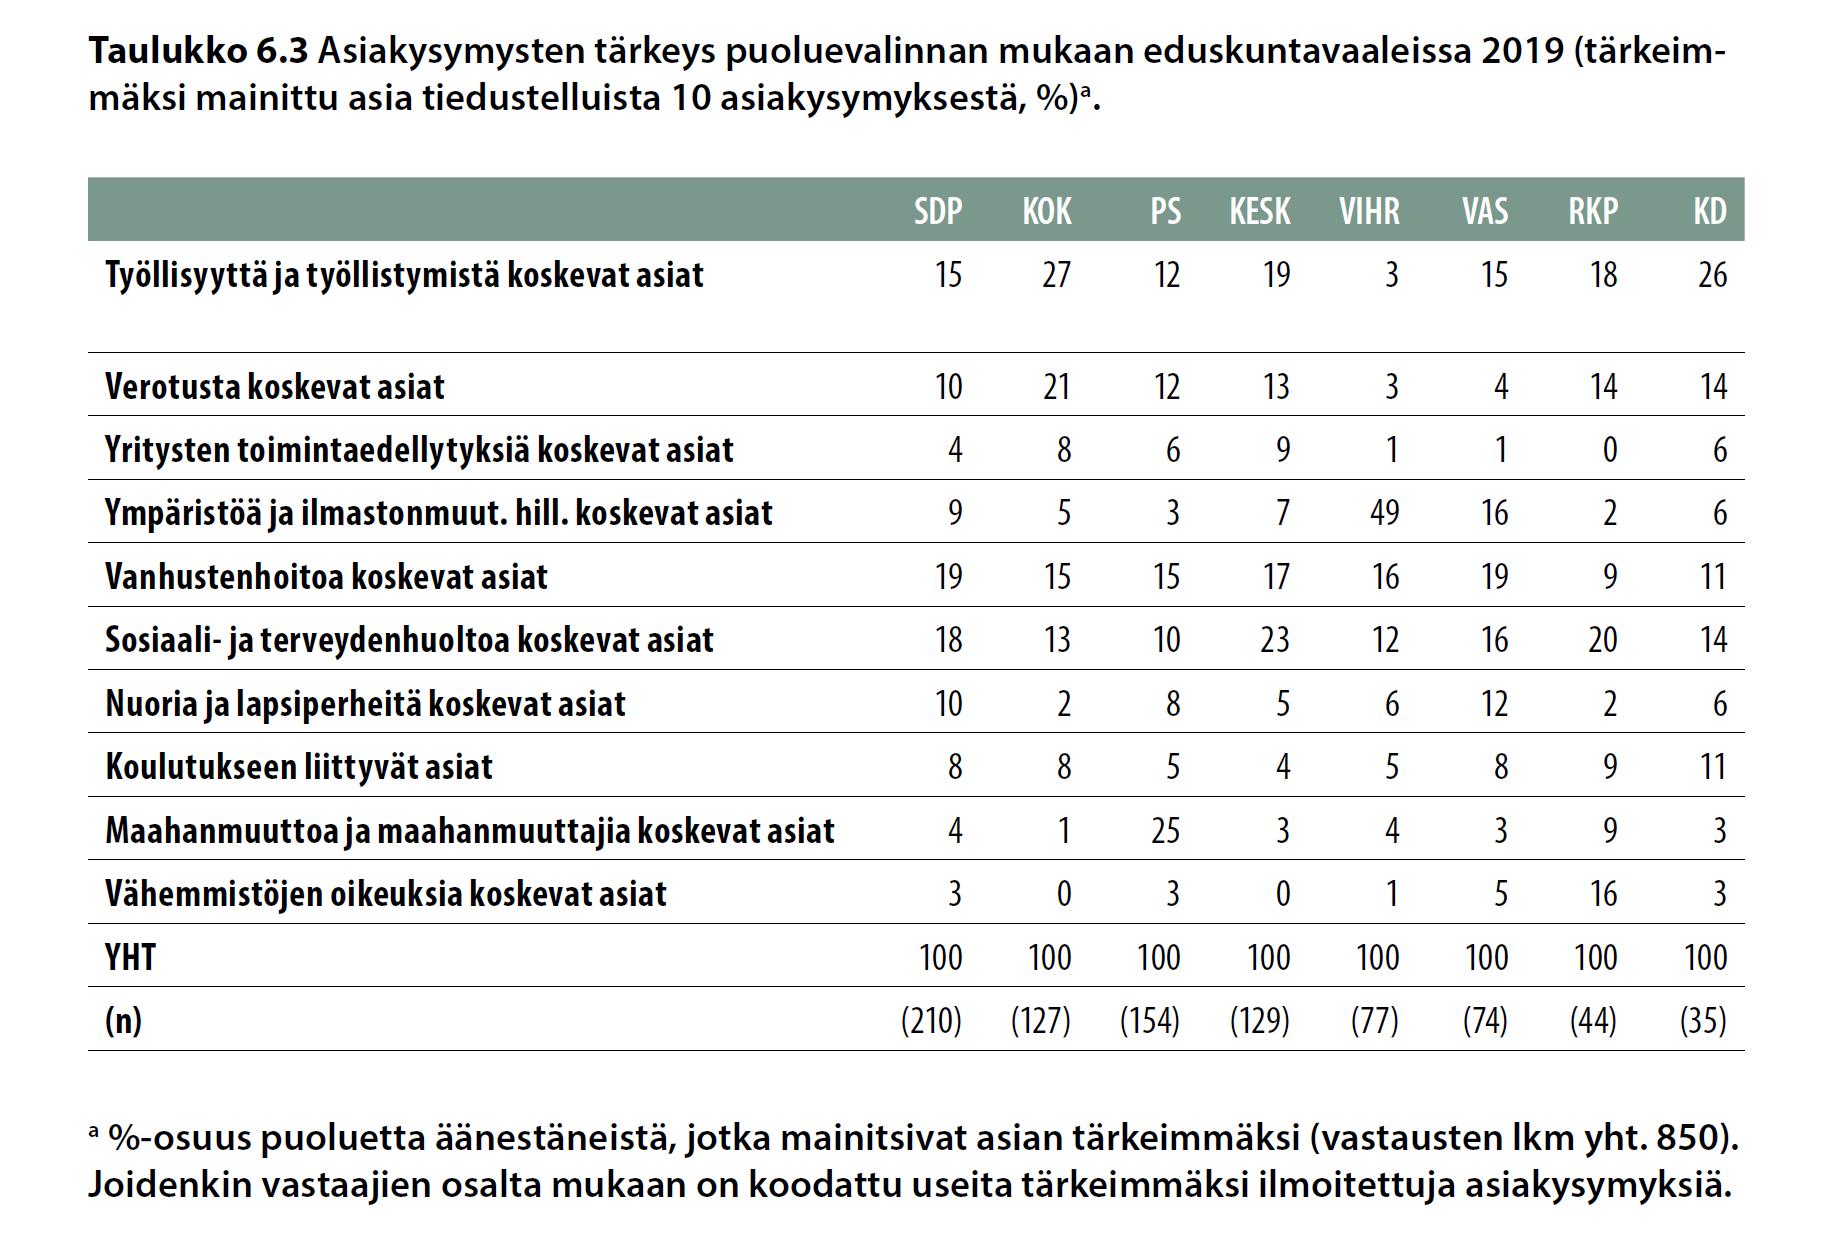 Asiakysymysten tärkeys puoluevalinnan mukaan eduskuntavaaleissa 2019 (tärkeimmäksi mainittu asia tiedustelluista 10 asiakysymyksestä,%).